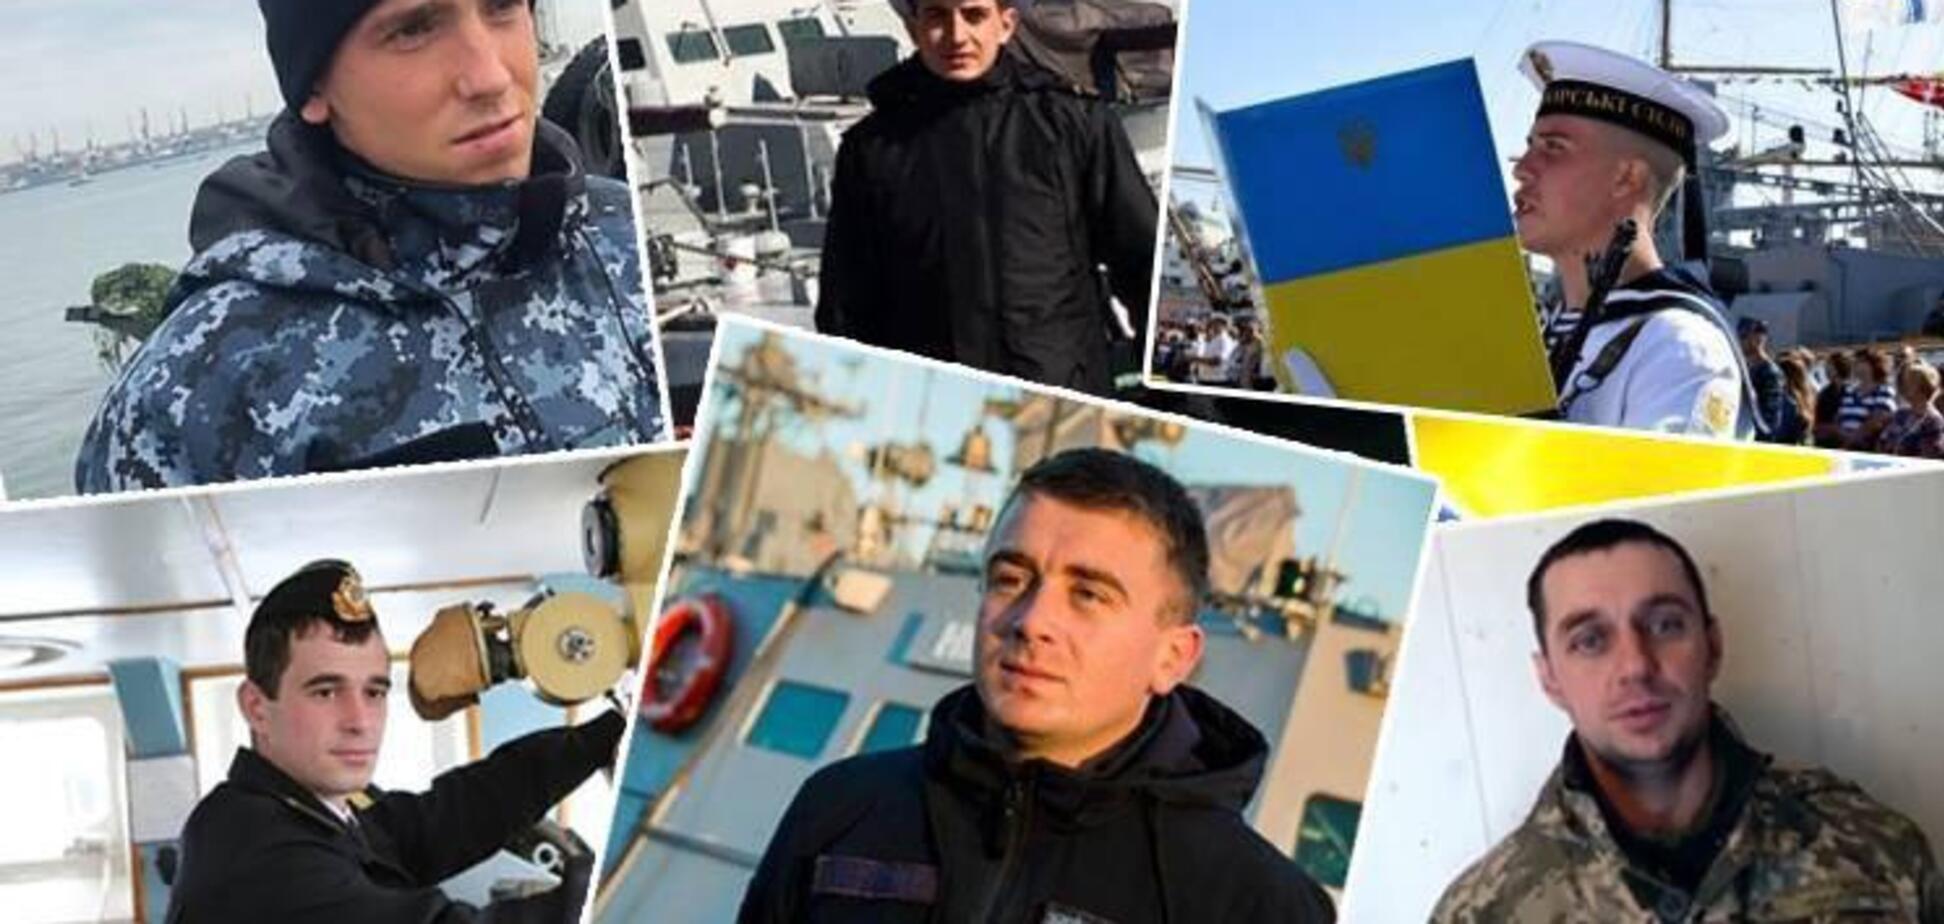 ''Хата не моя'': розкрито підлість Росії щодо полонених моряків